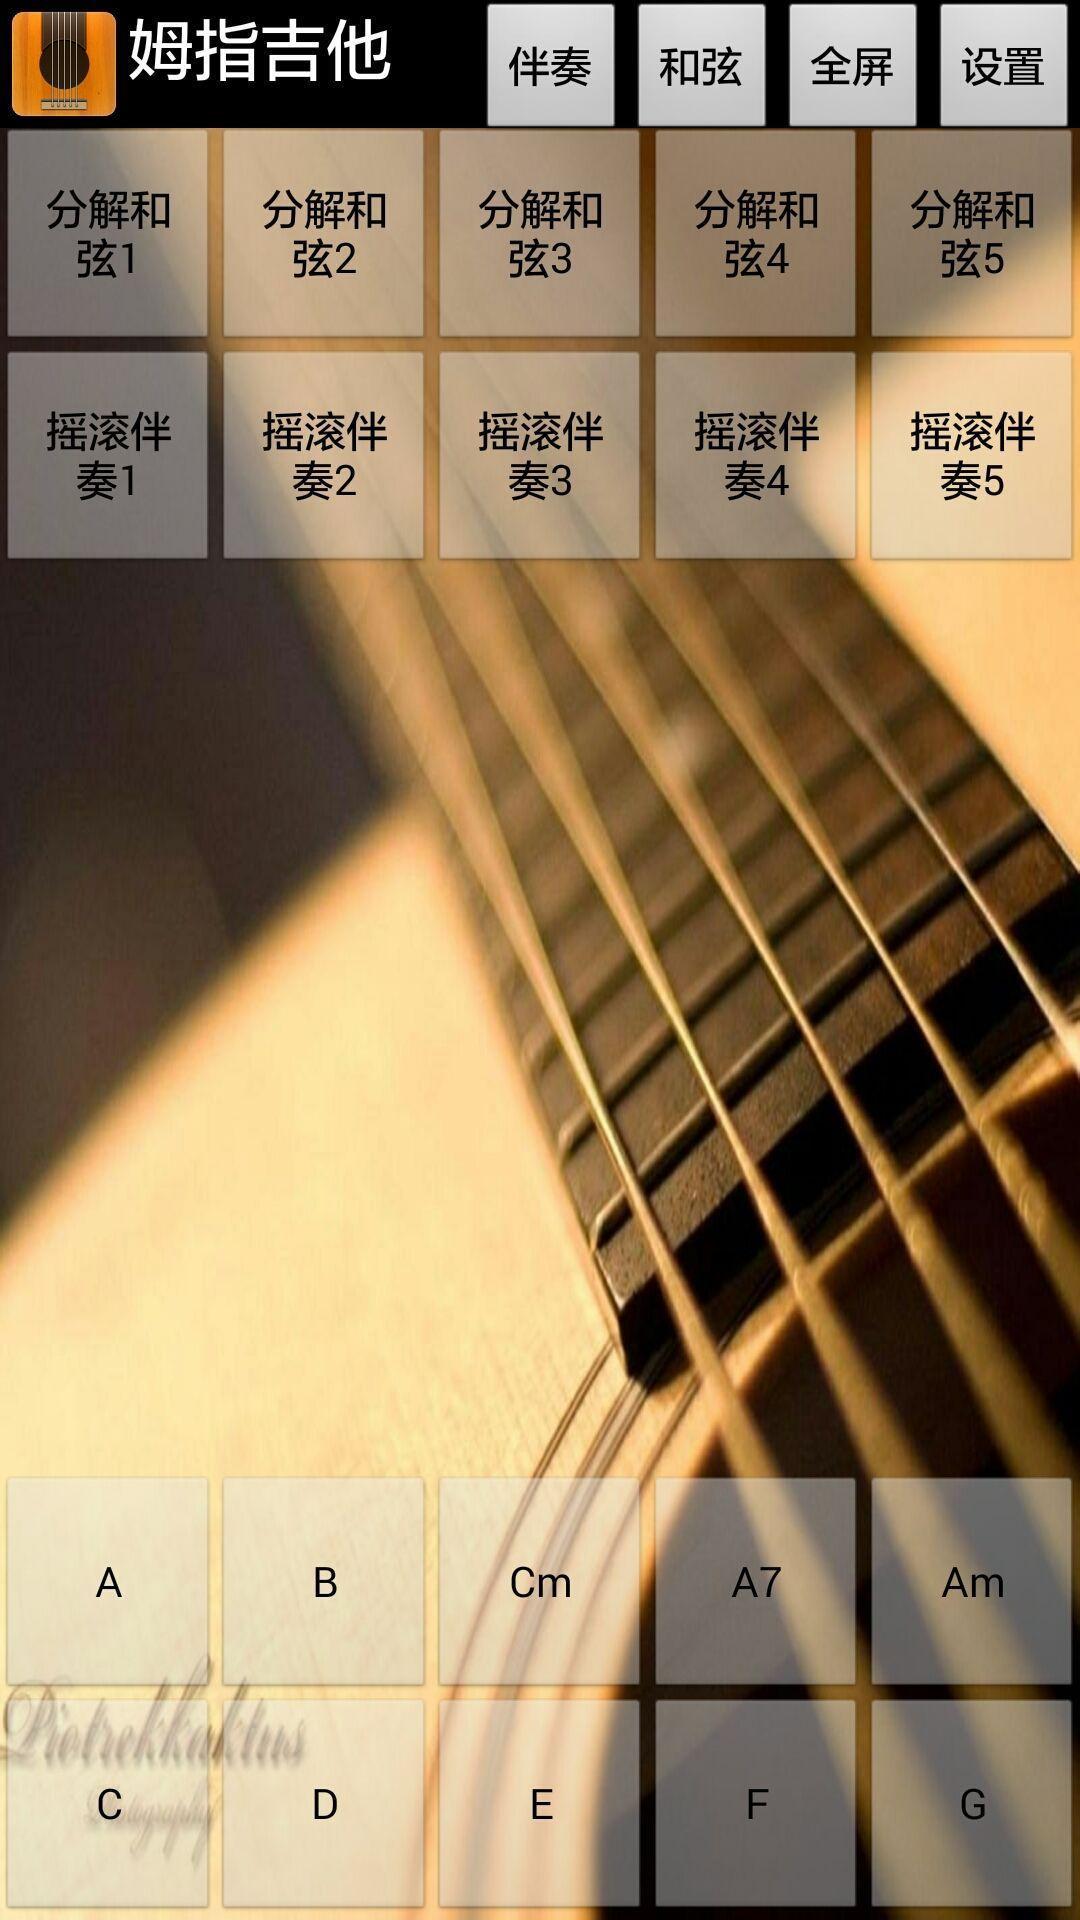 拇指吉他 V1.0.5 安卓版截图4